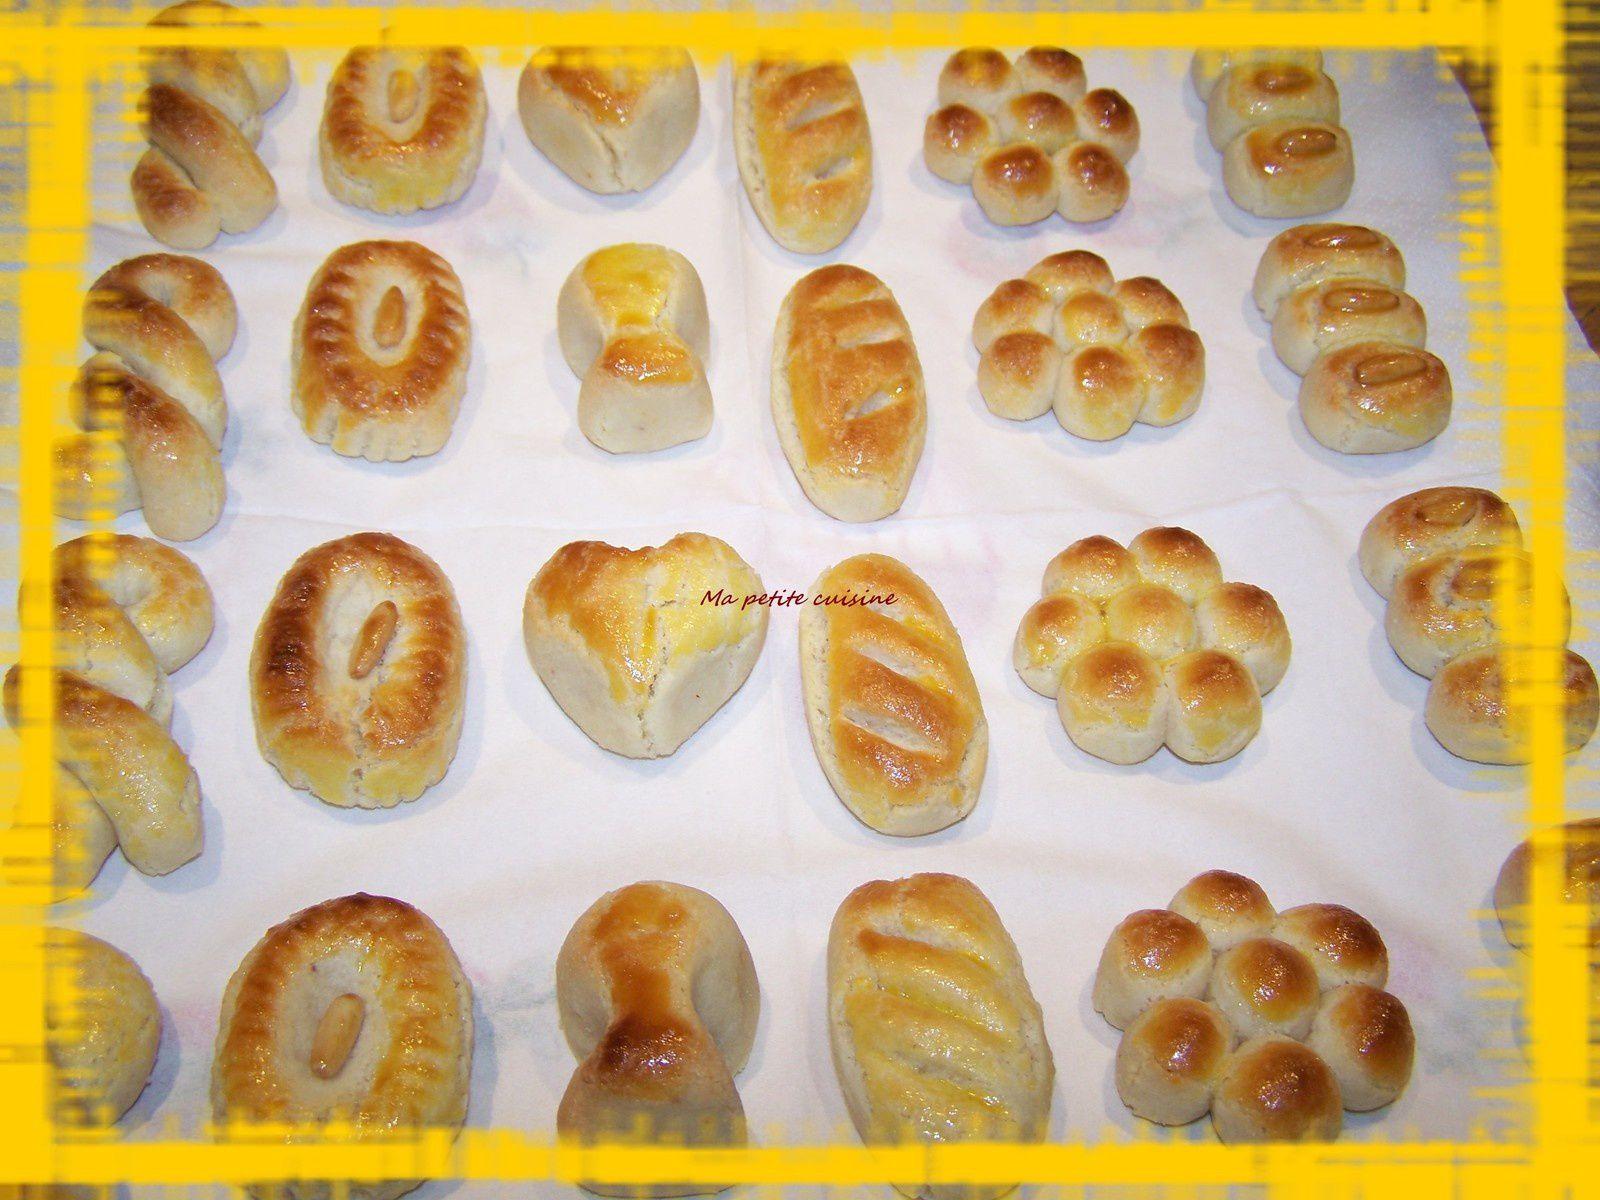 Mazapanes - petits sujets en pâte d'amande recette espagnole